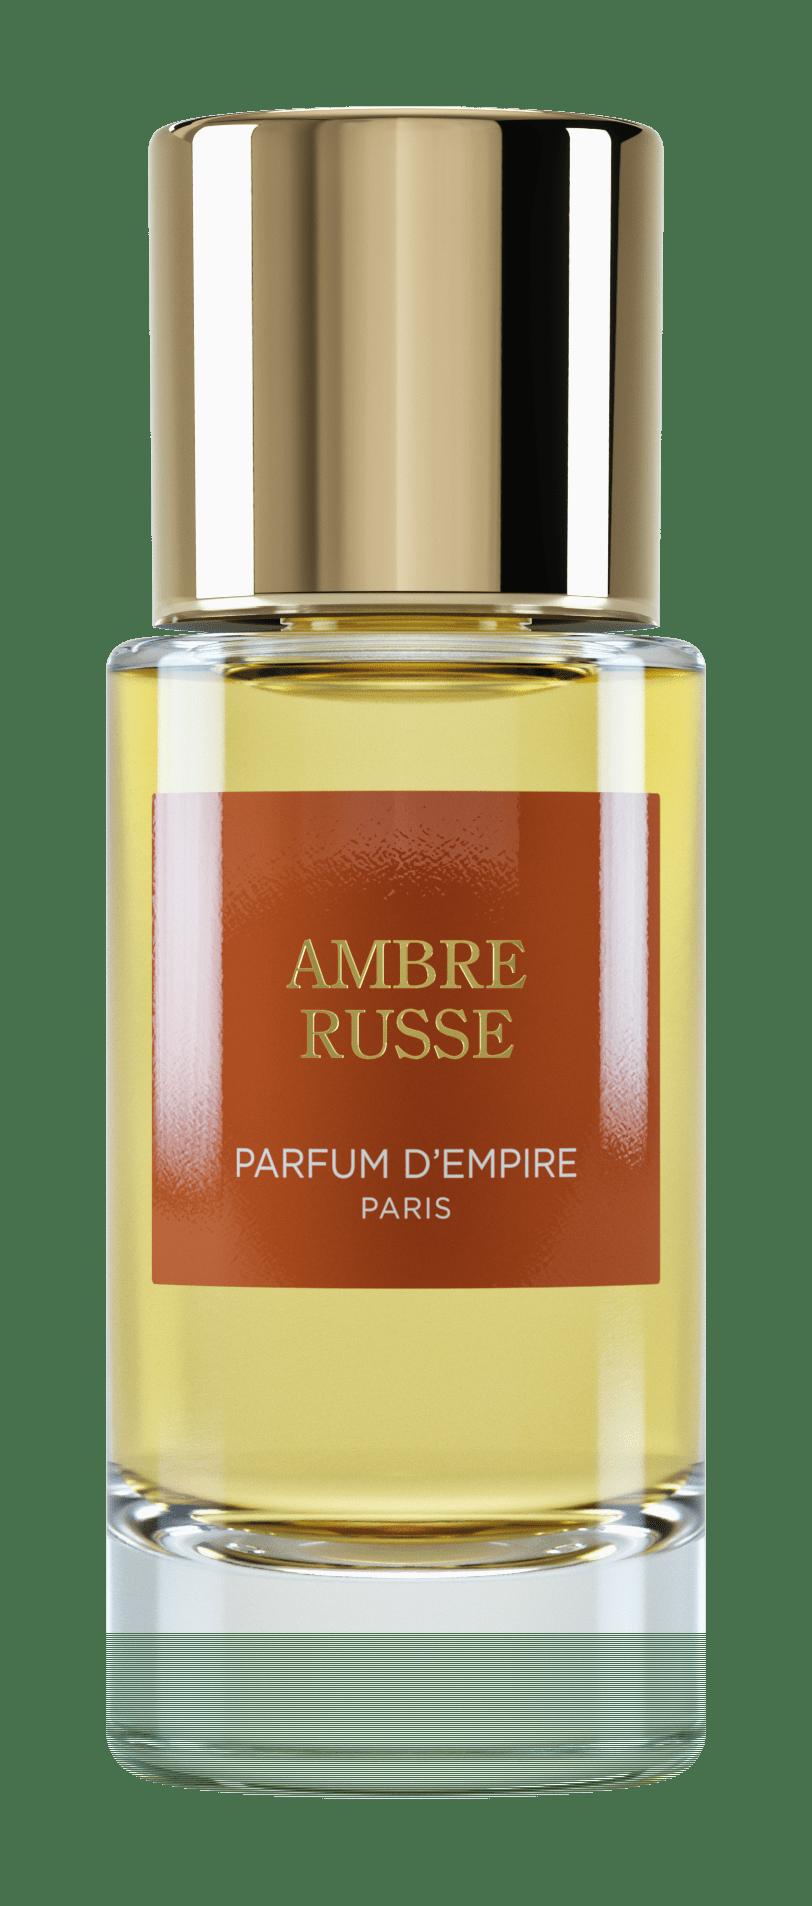 AMBRE RUSSE